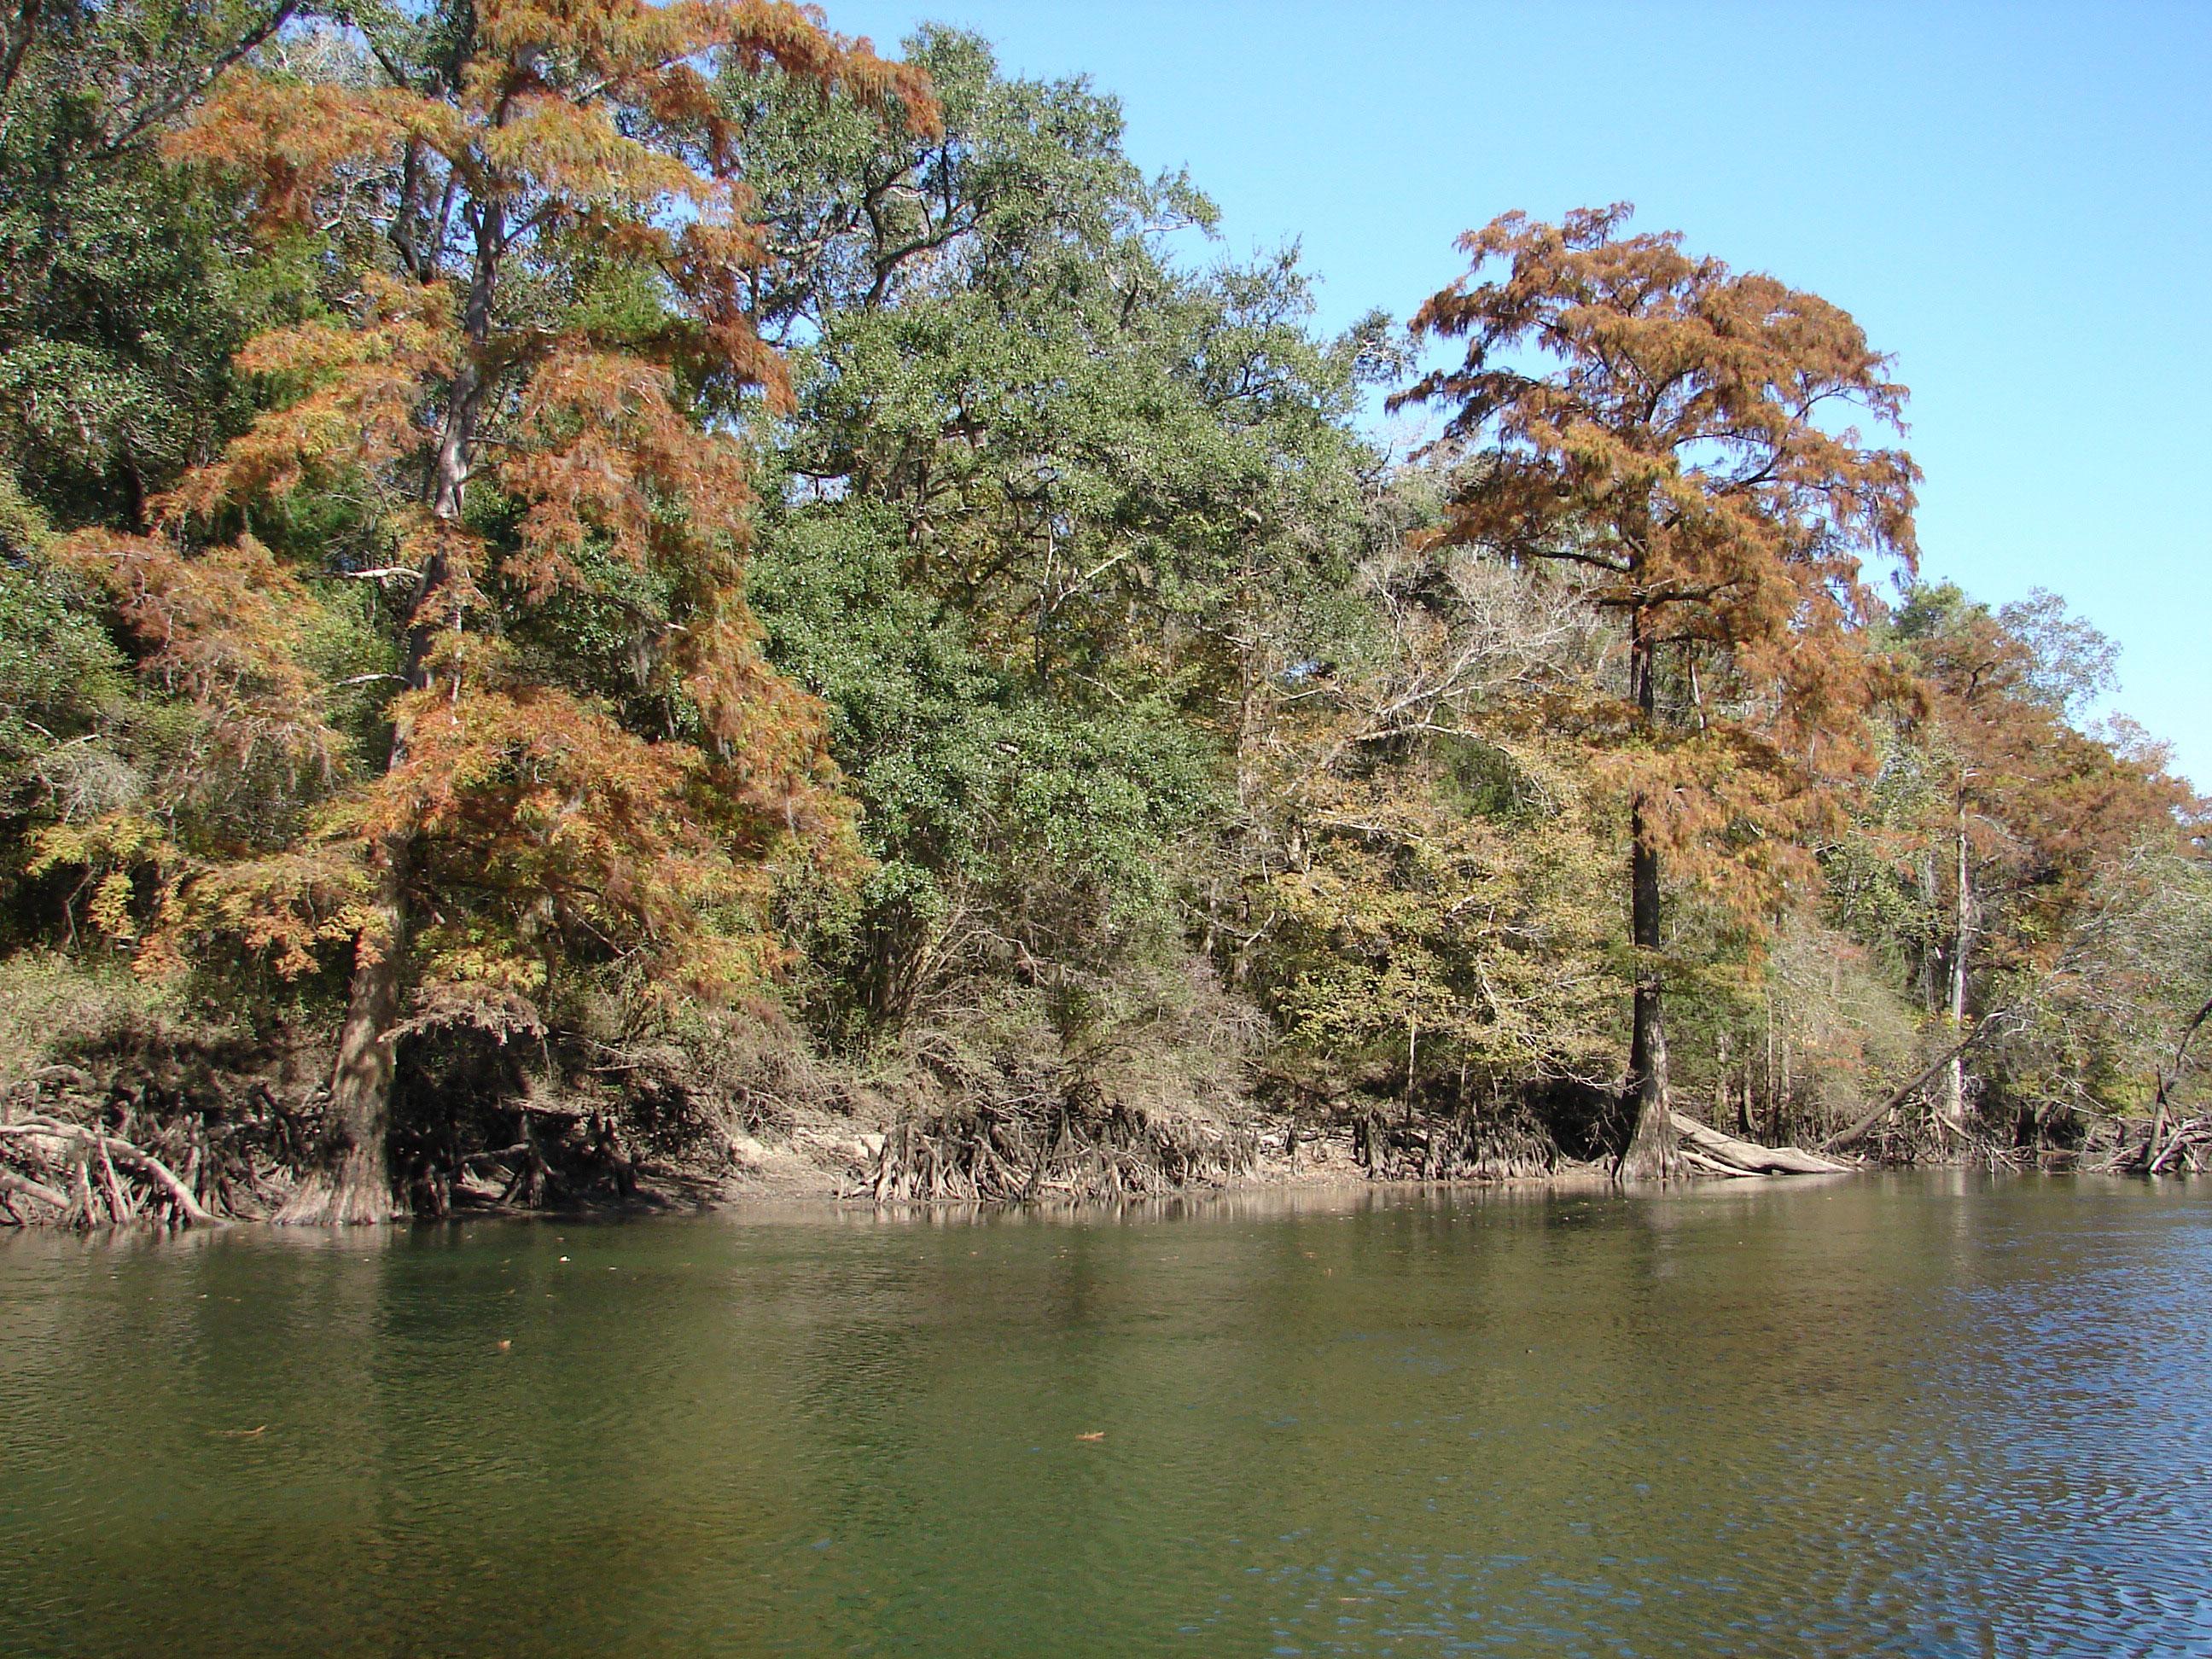 popular-tubing-destination-stock-photos-florida-panhandle-chipola-river-linda-bateman